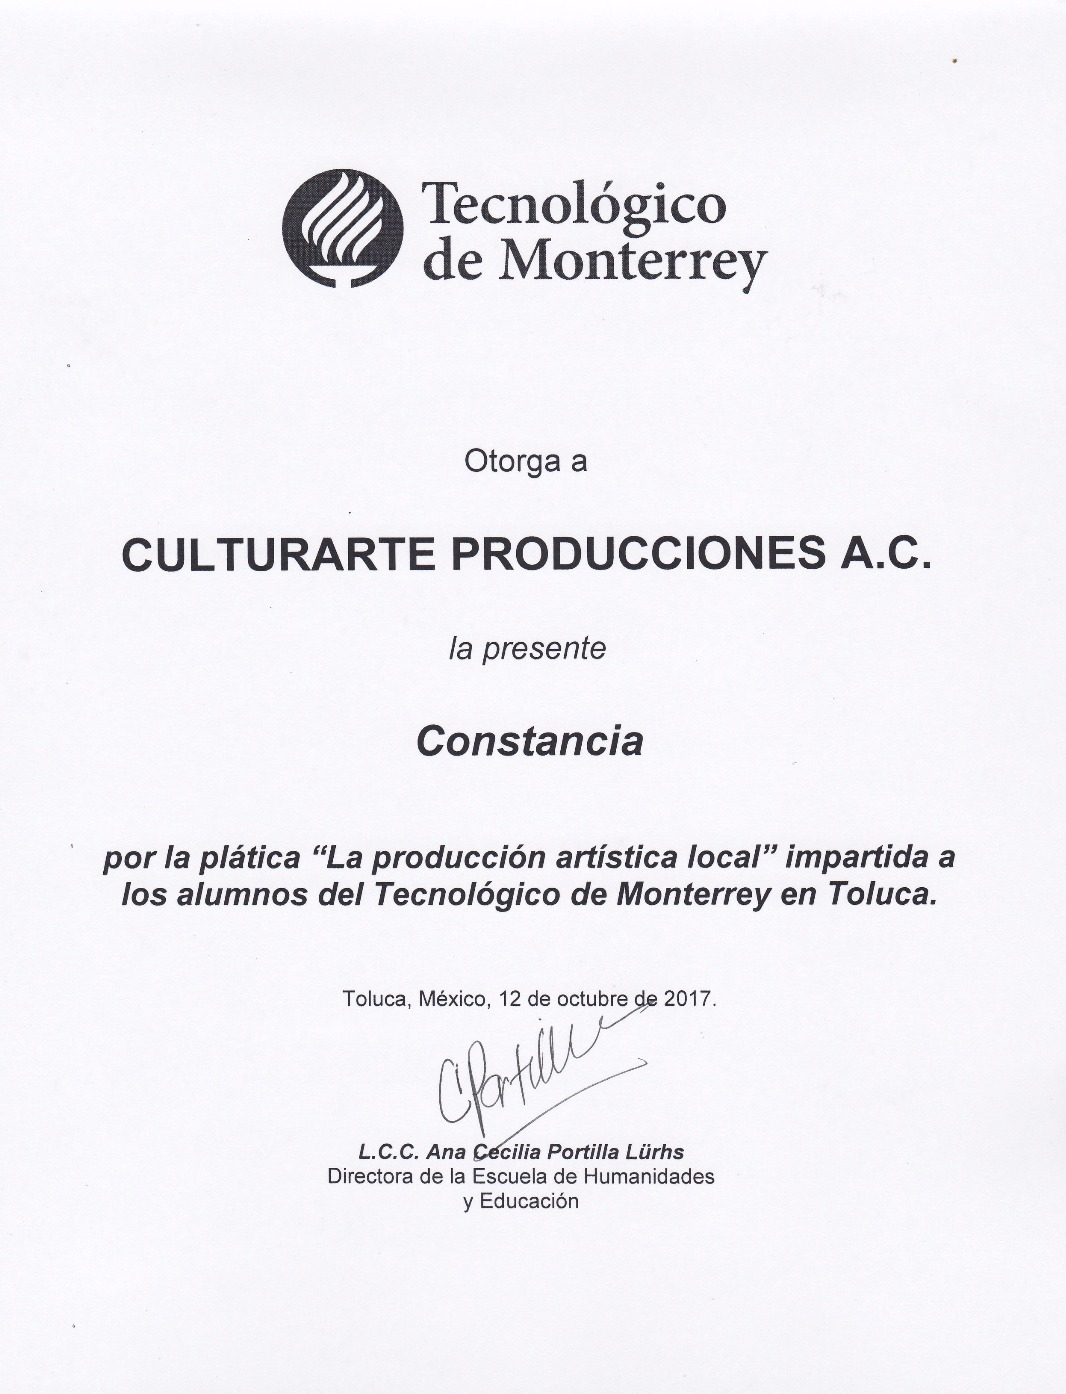 Charla sobre Producción